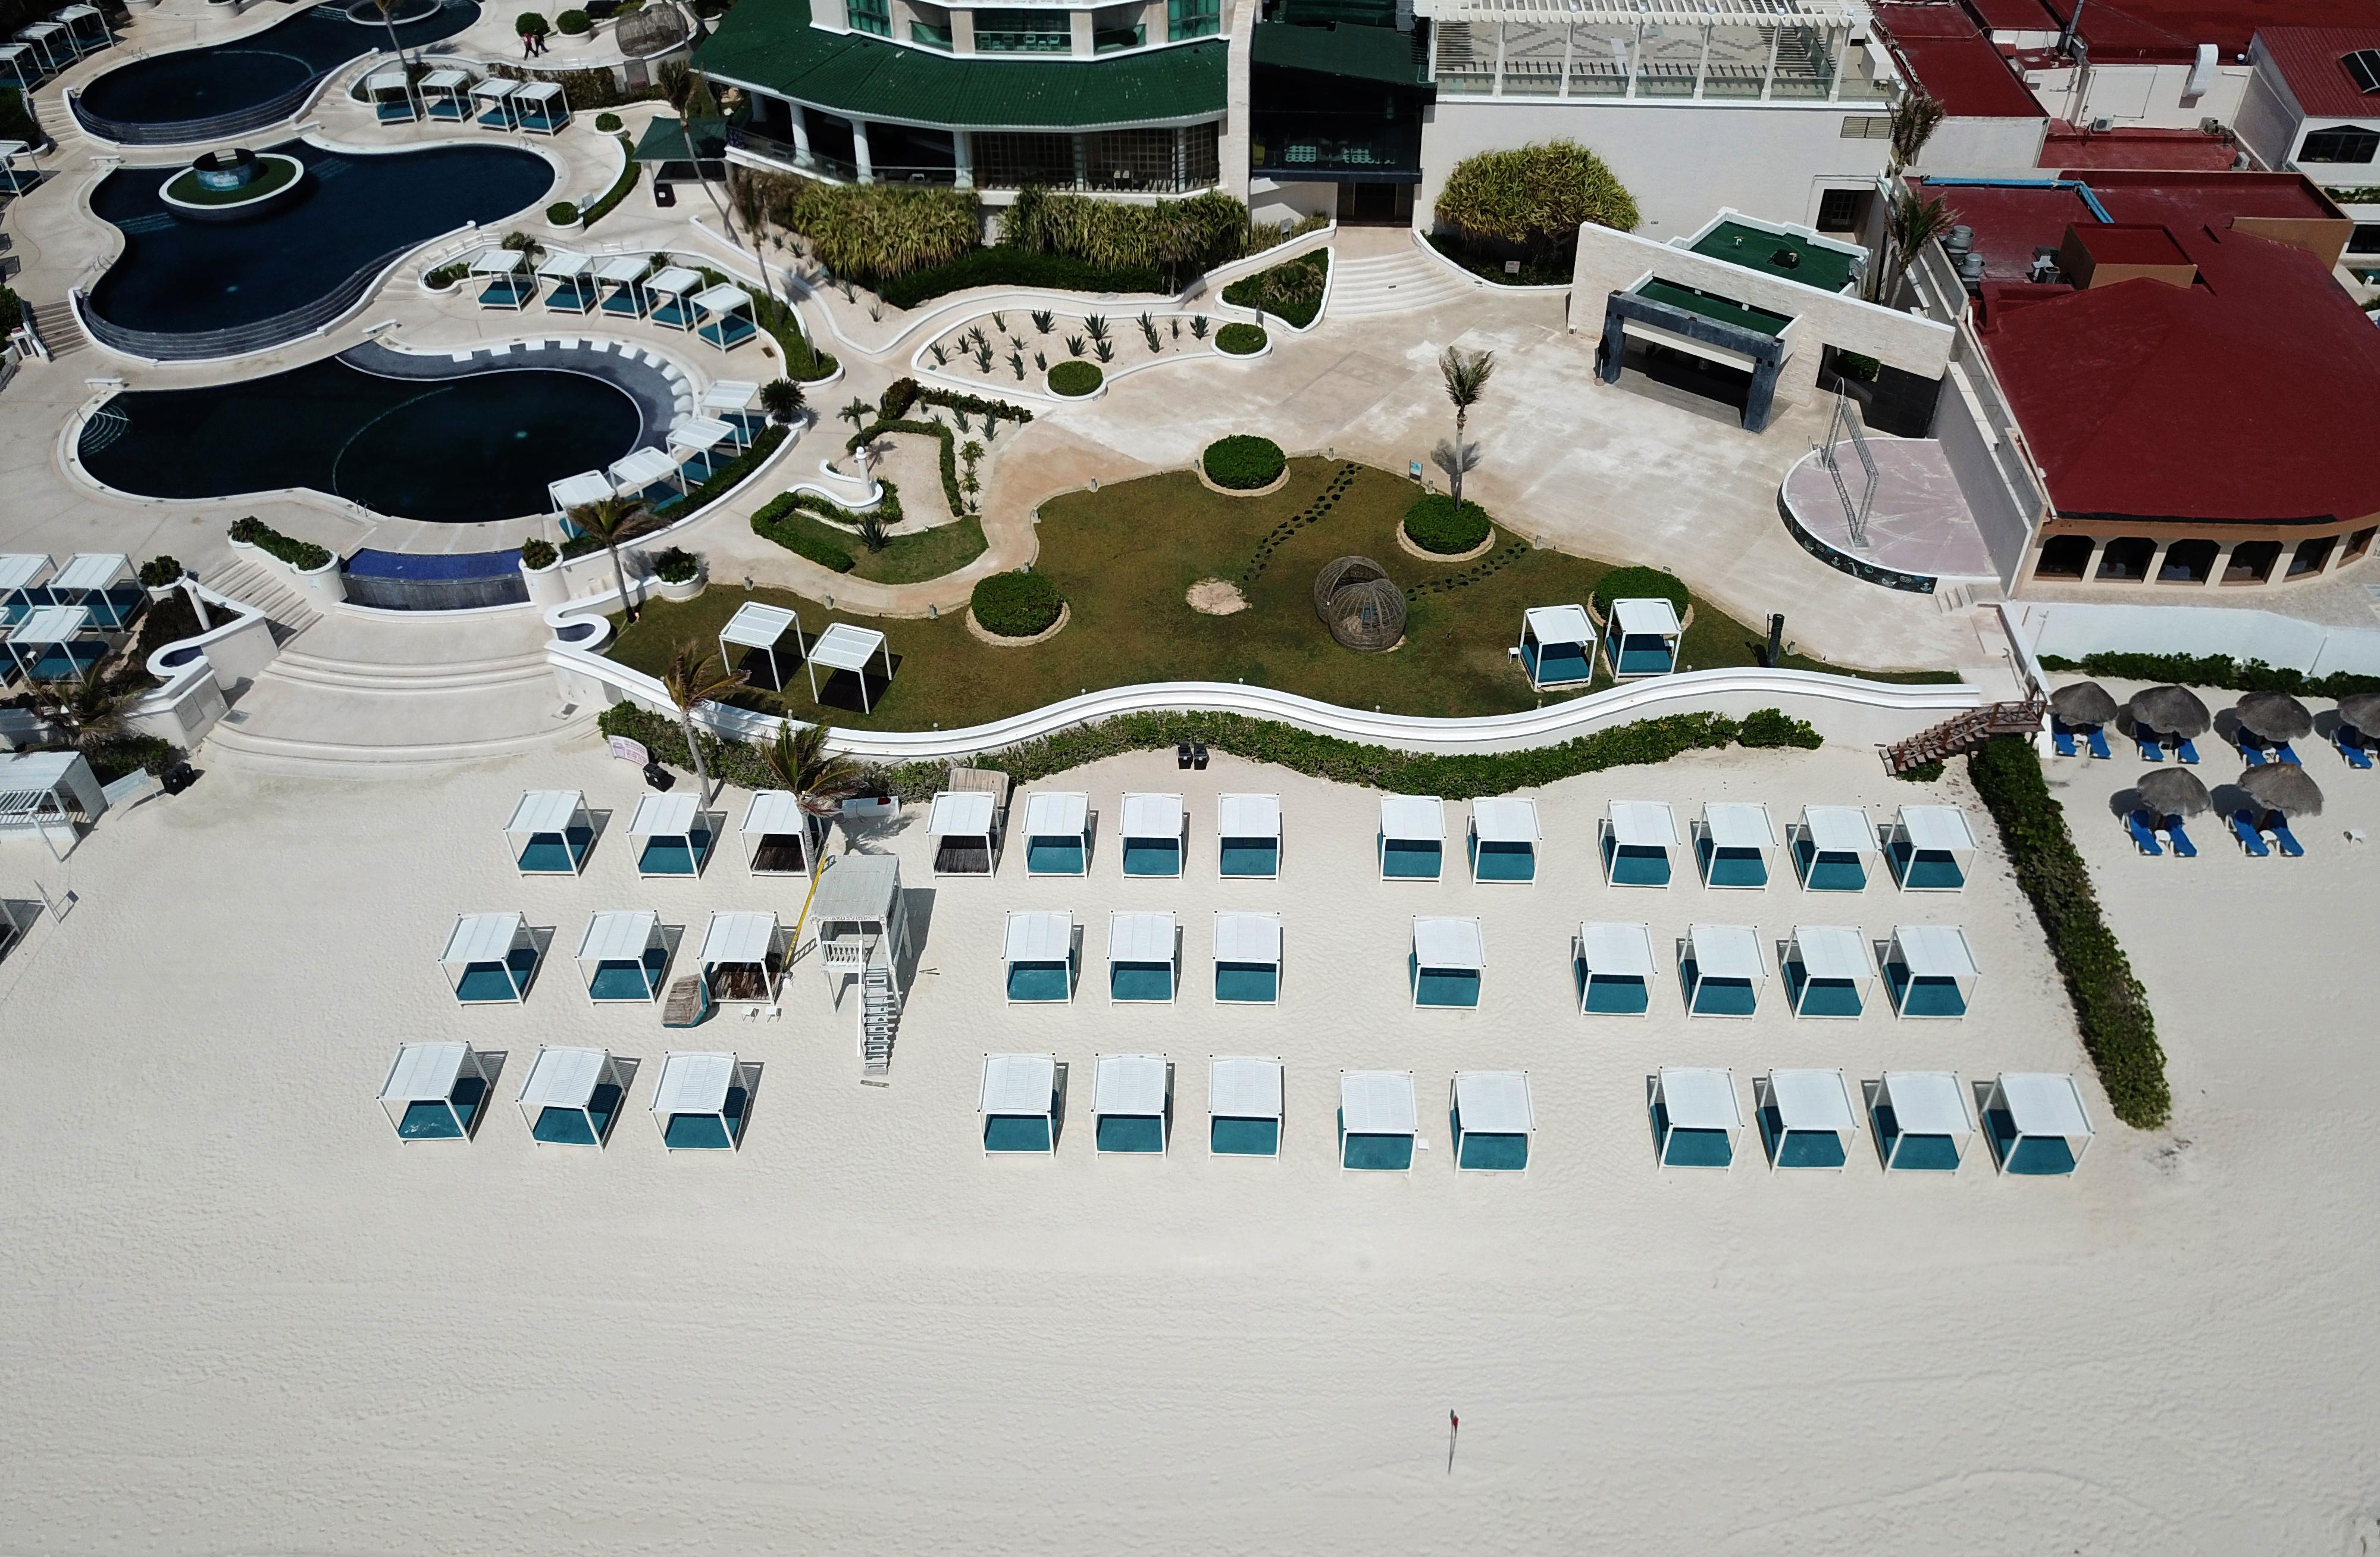 Vista aérea de un centro turístico vacío en Cancún, estado de Quintana Roo, México, el 28 de marzo de 2020.